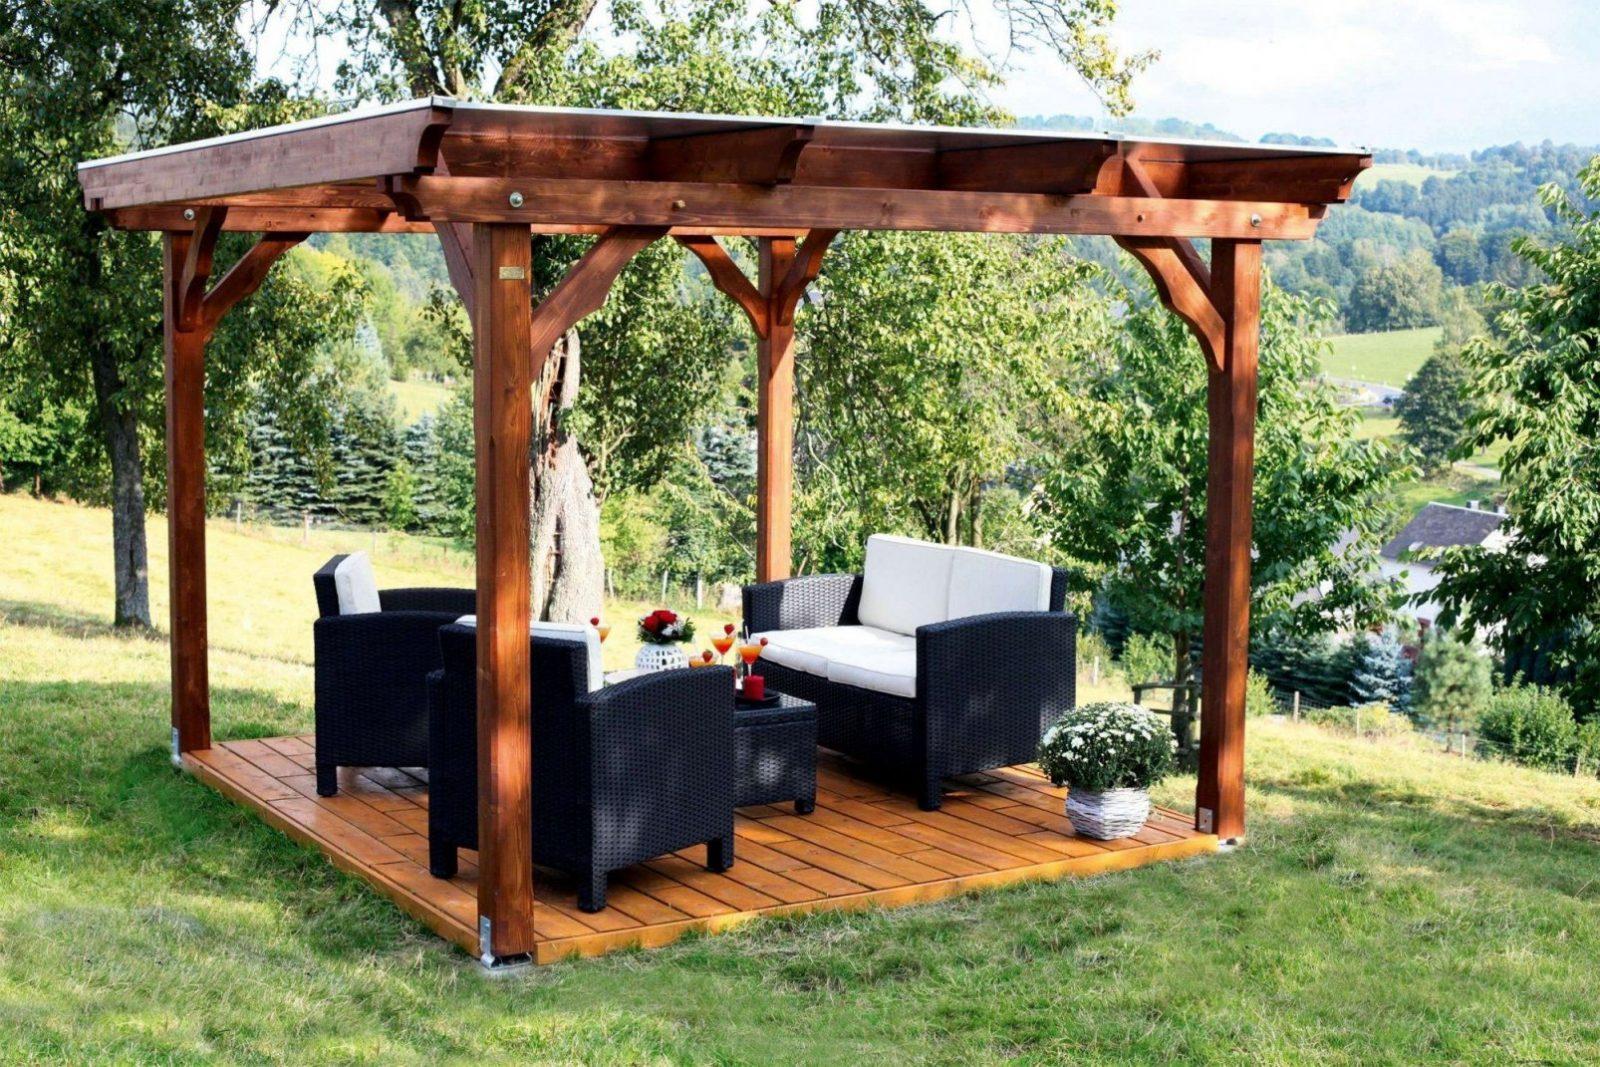 Holzpavillon Selber Bauen Für Planen Pavillon 3X4 Holz von Holz Pavillon 3X4 Selber Bauen Photo